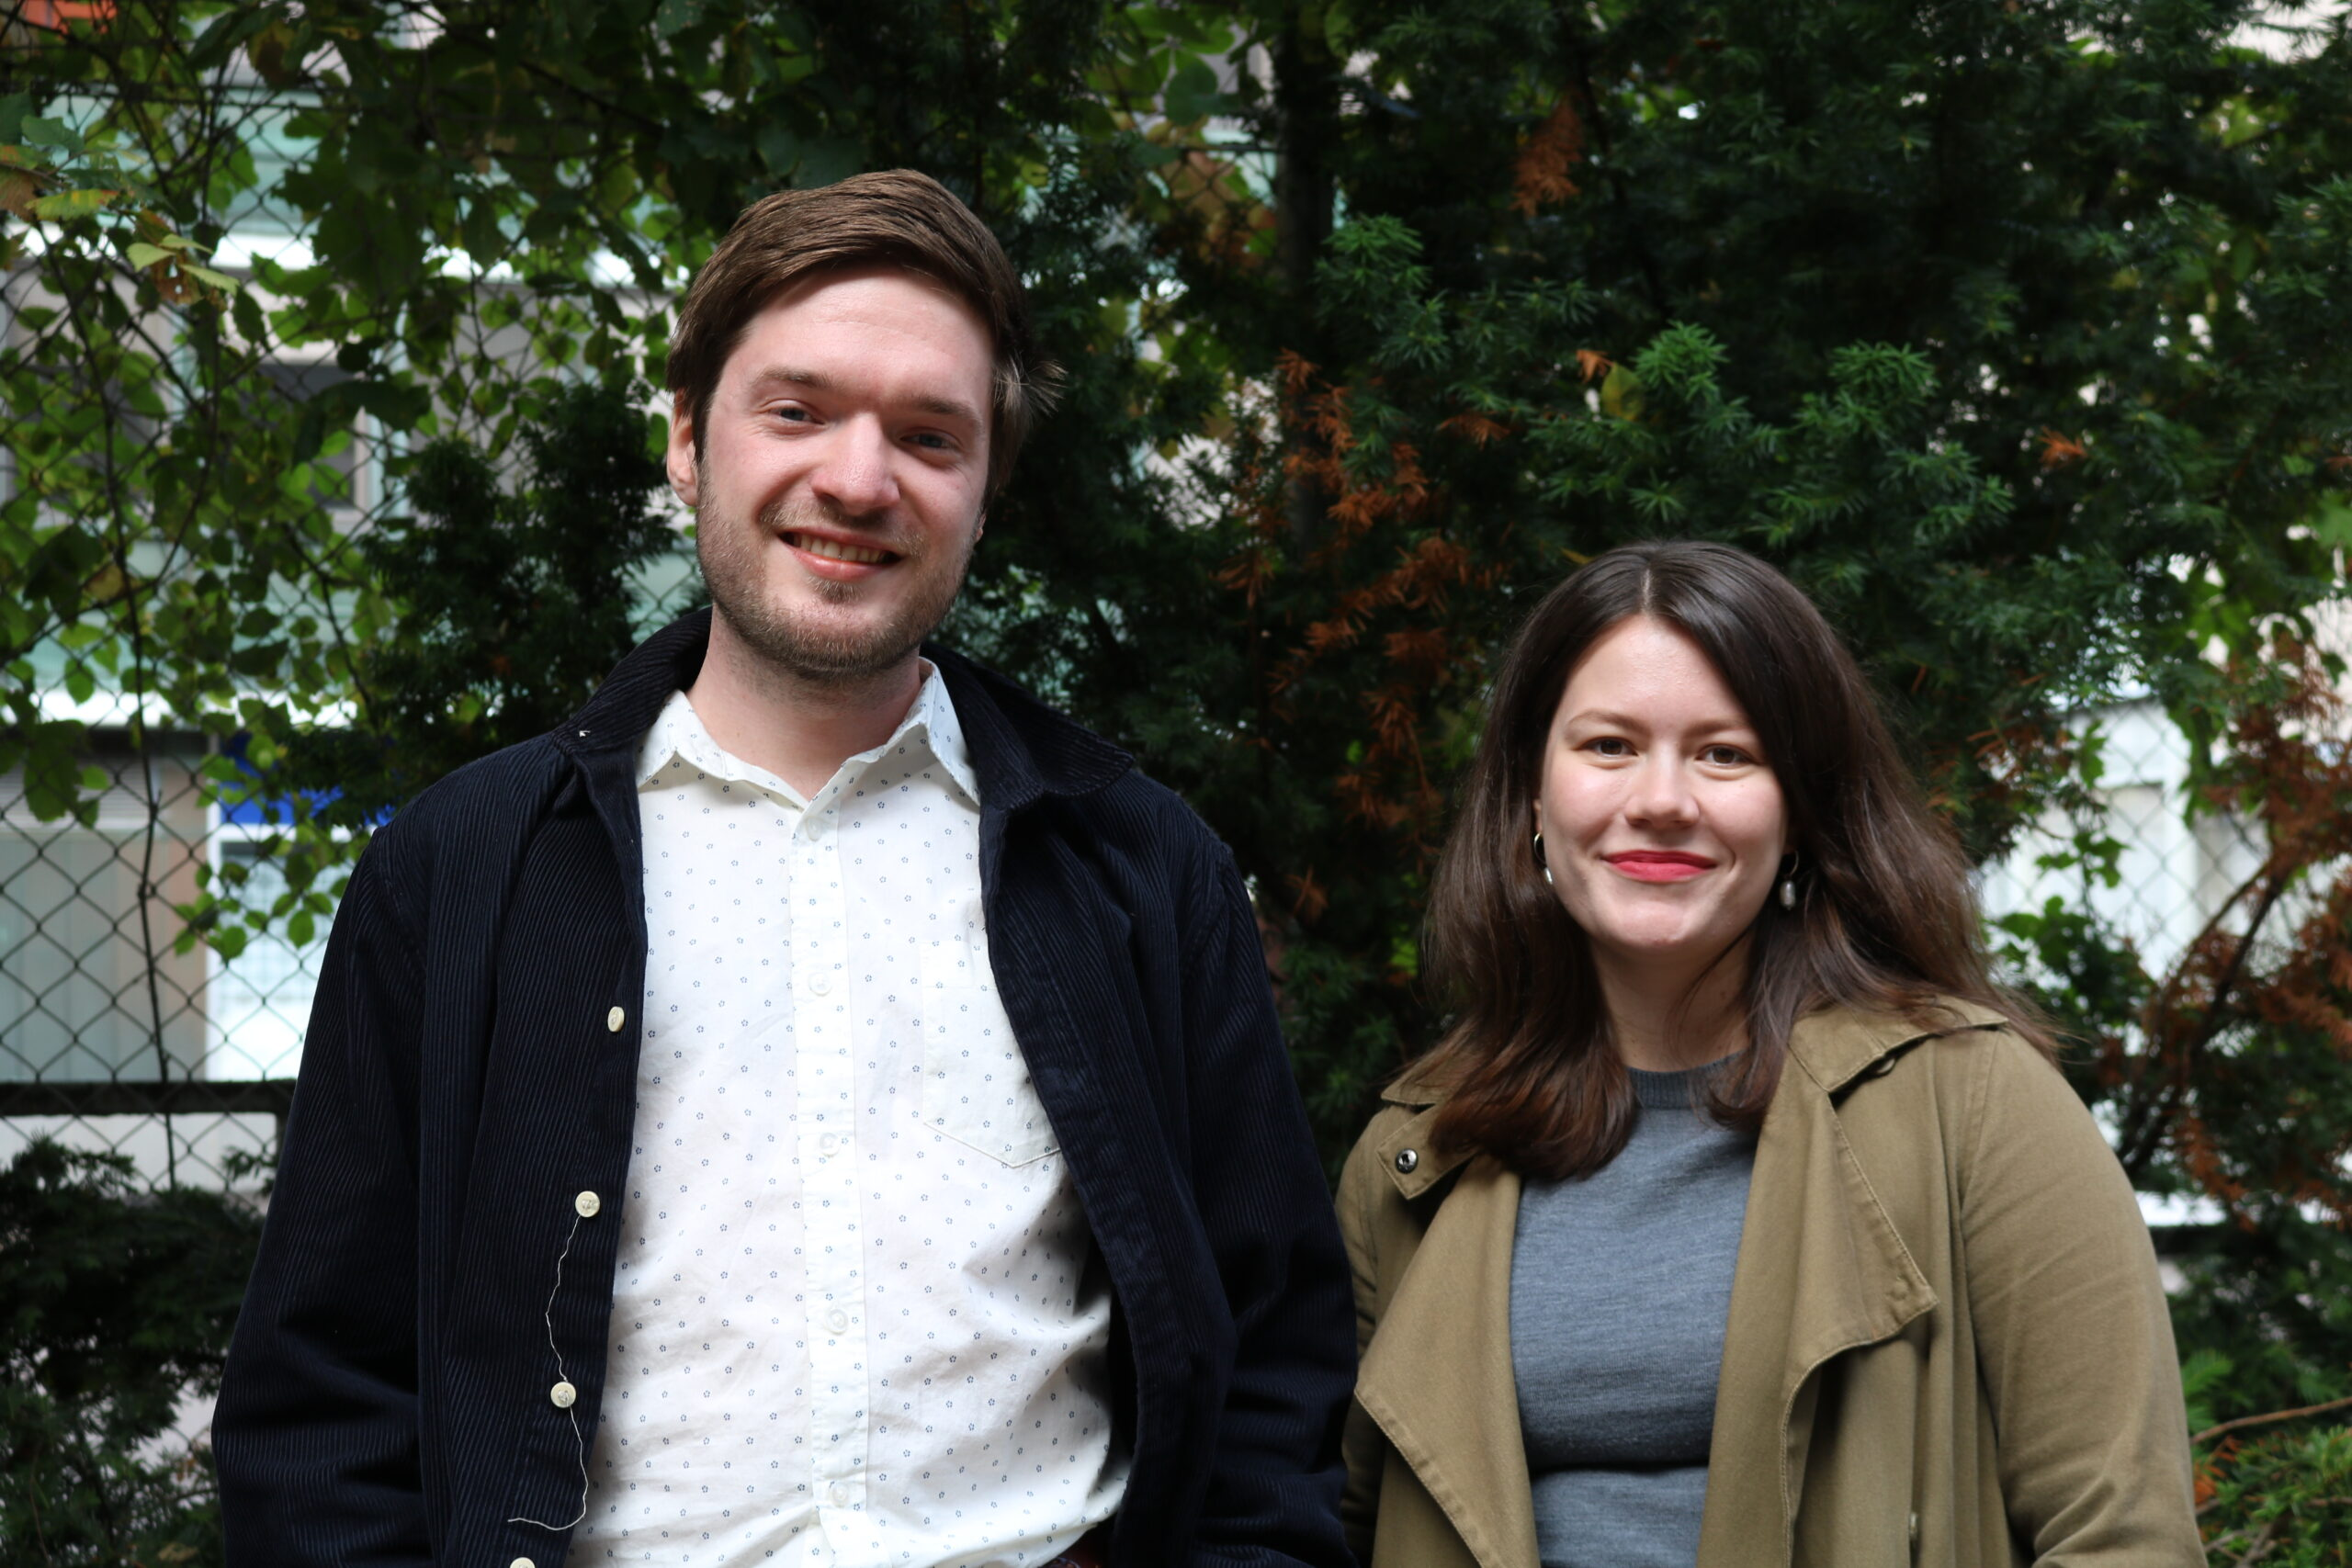 Yuri Birjulin ja Veera Alahuhta seisovat kuvassa vierekkäin vehreän pusikon edessä. Molemmat hymyilevät.